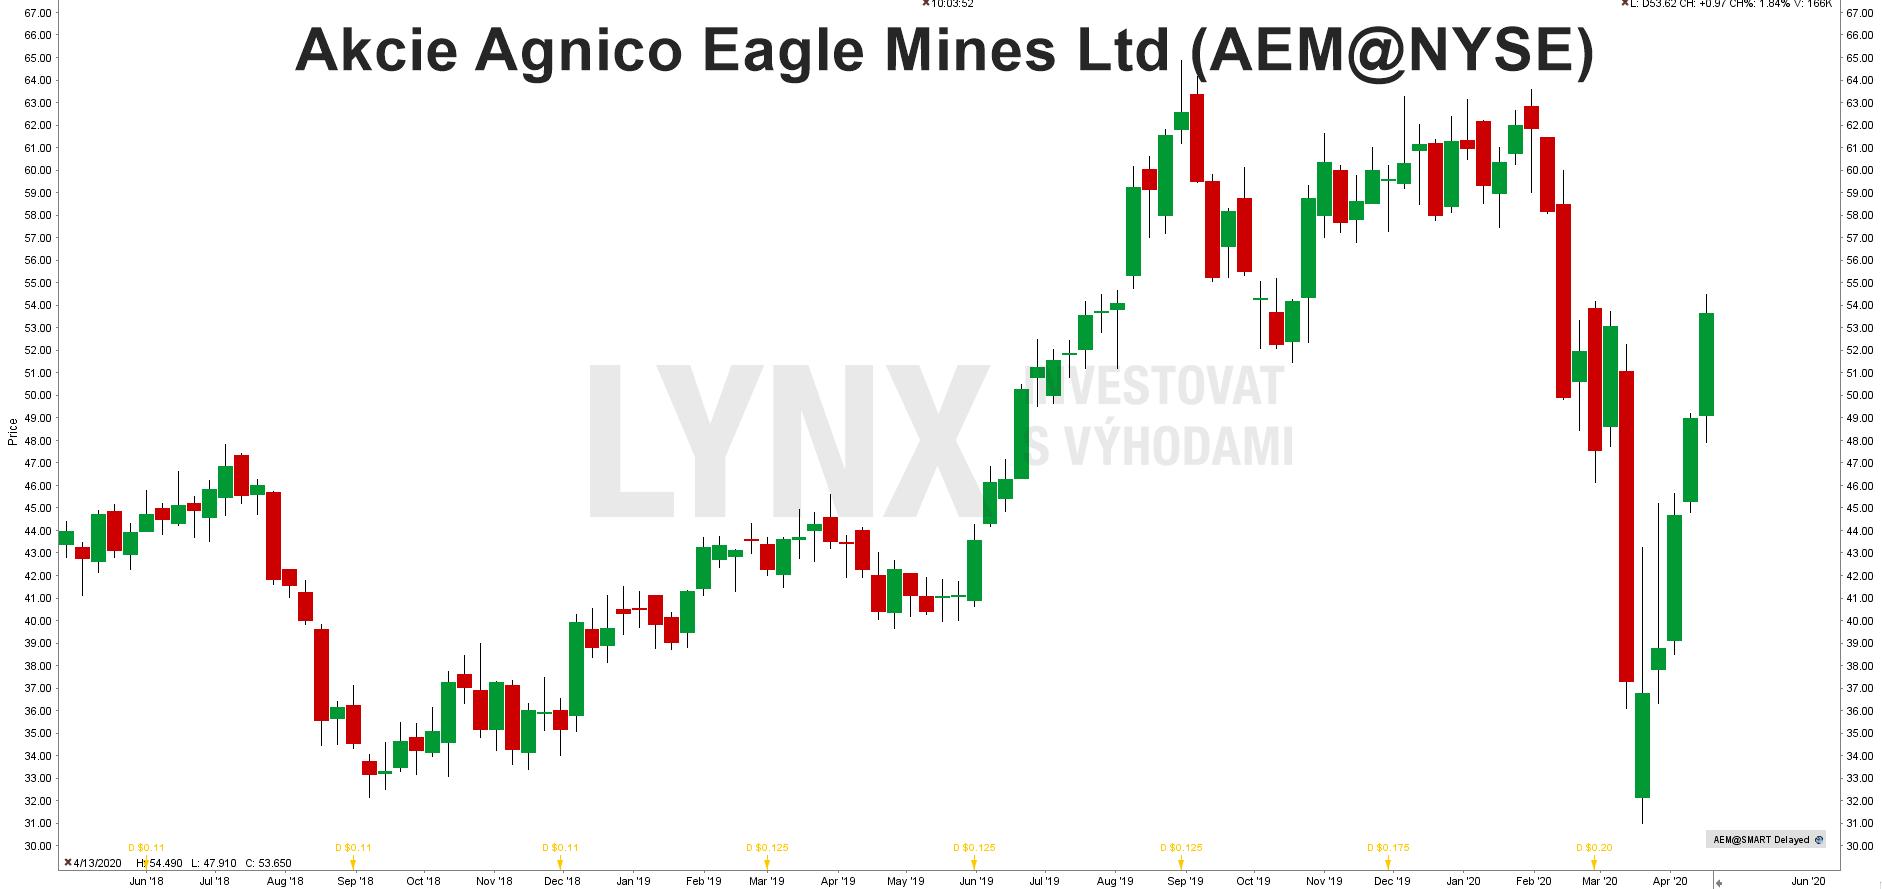 Graf akcie Agnico Eagle Mines (AEM)